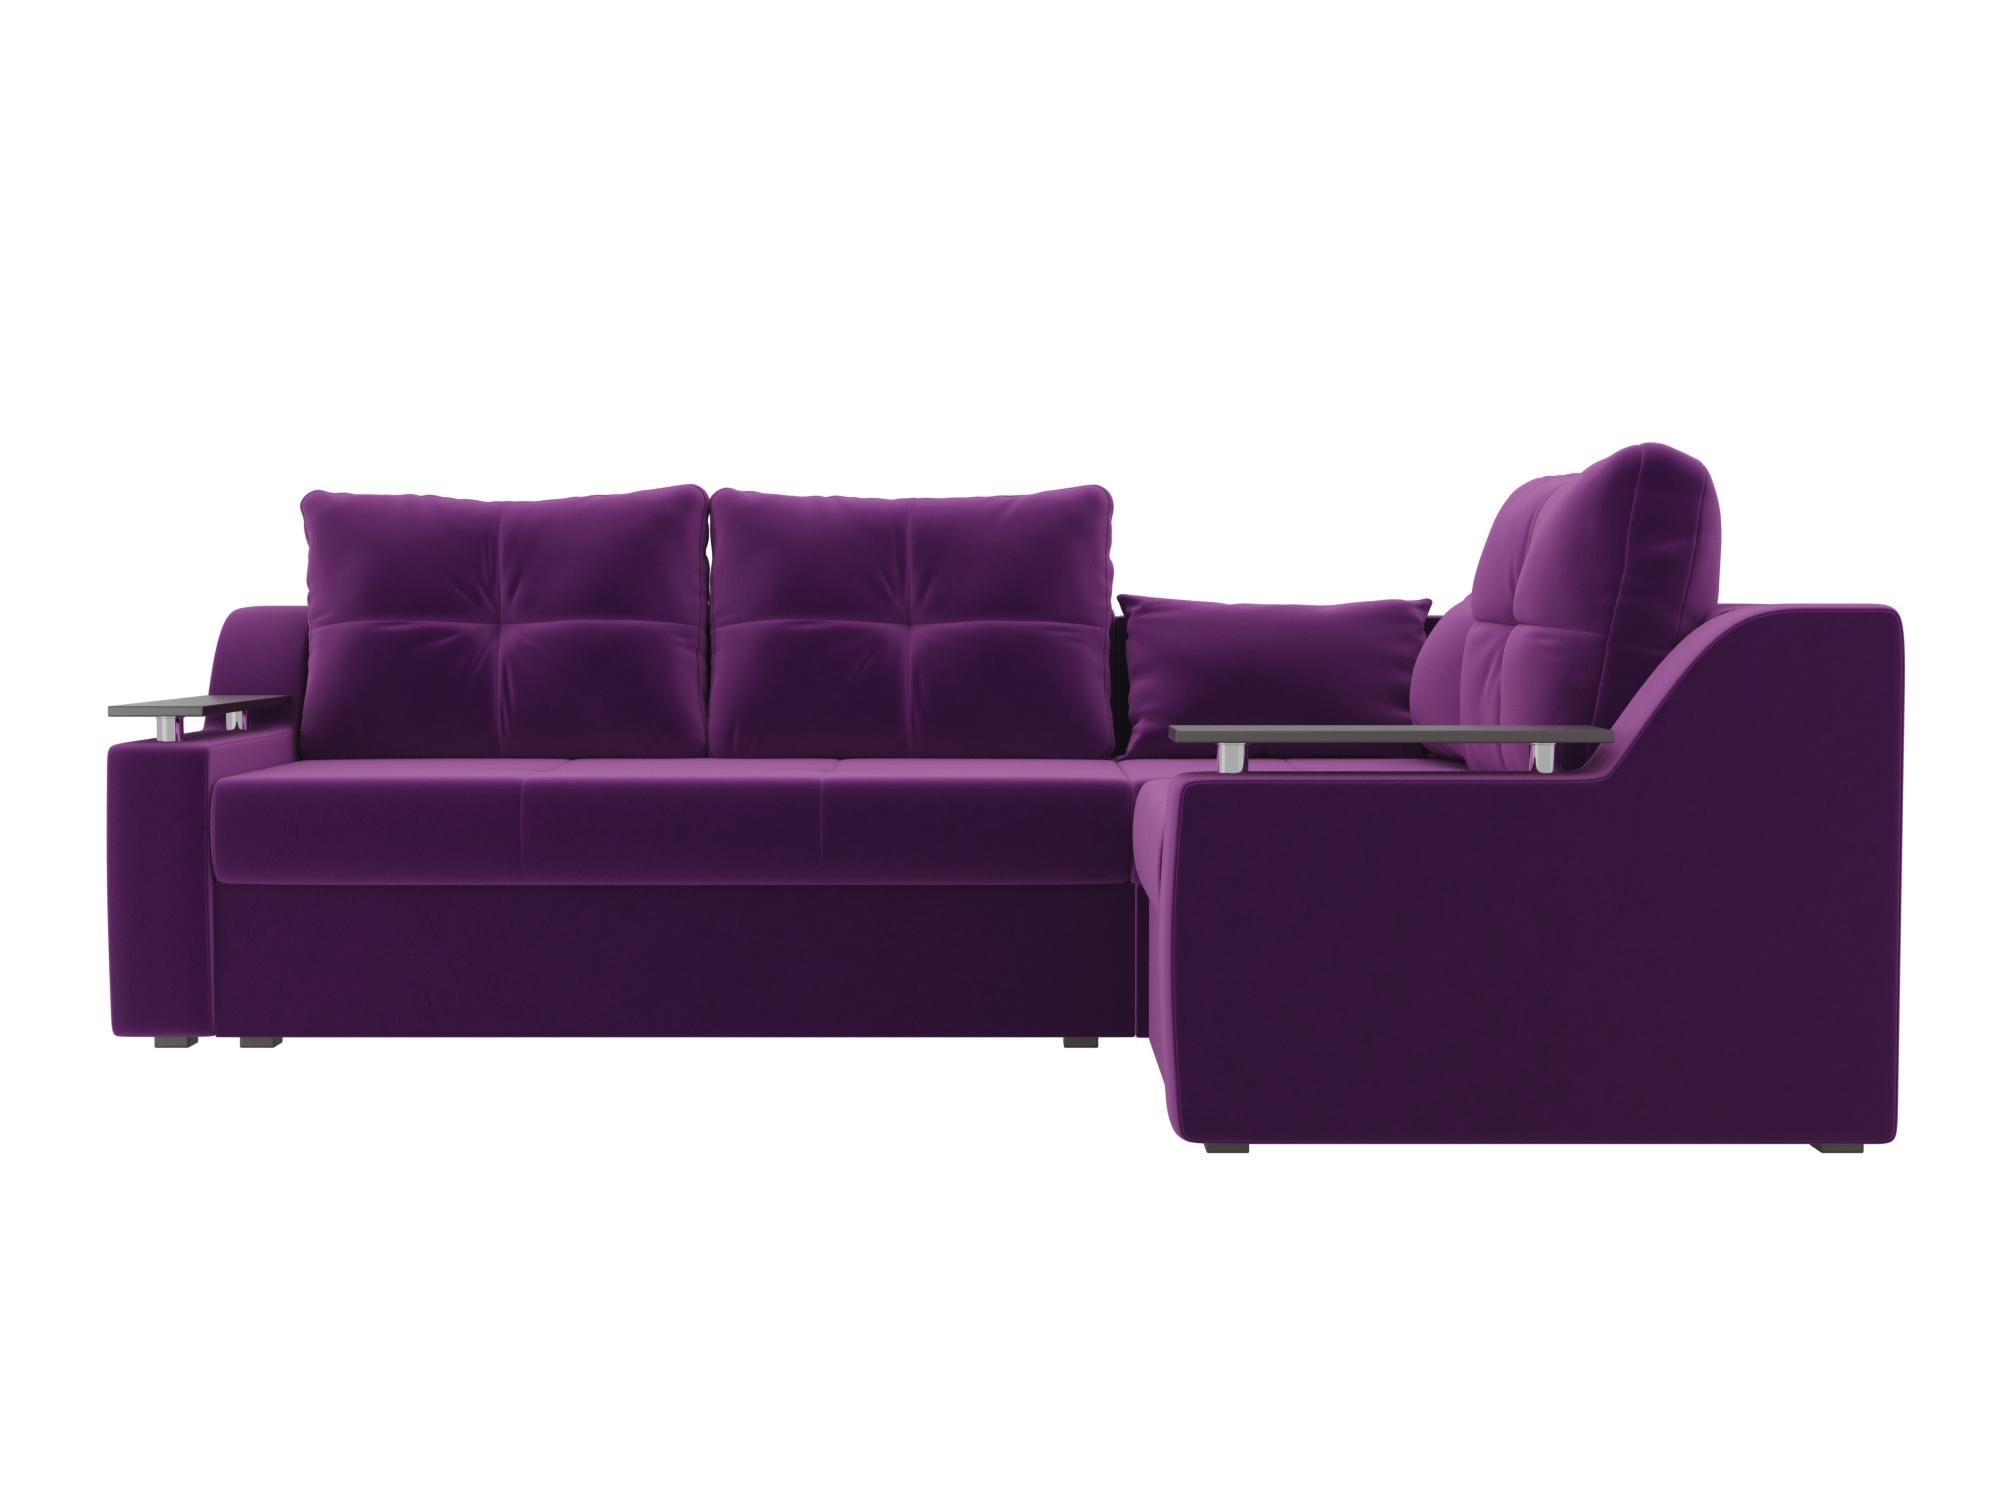 Угловой диван Кронос Правый MebelVia Фиолетовый, Микровельвет, ЛДСП Фиолетовый